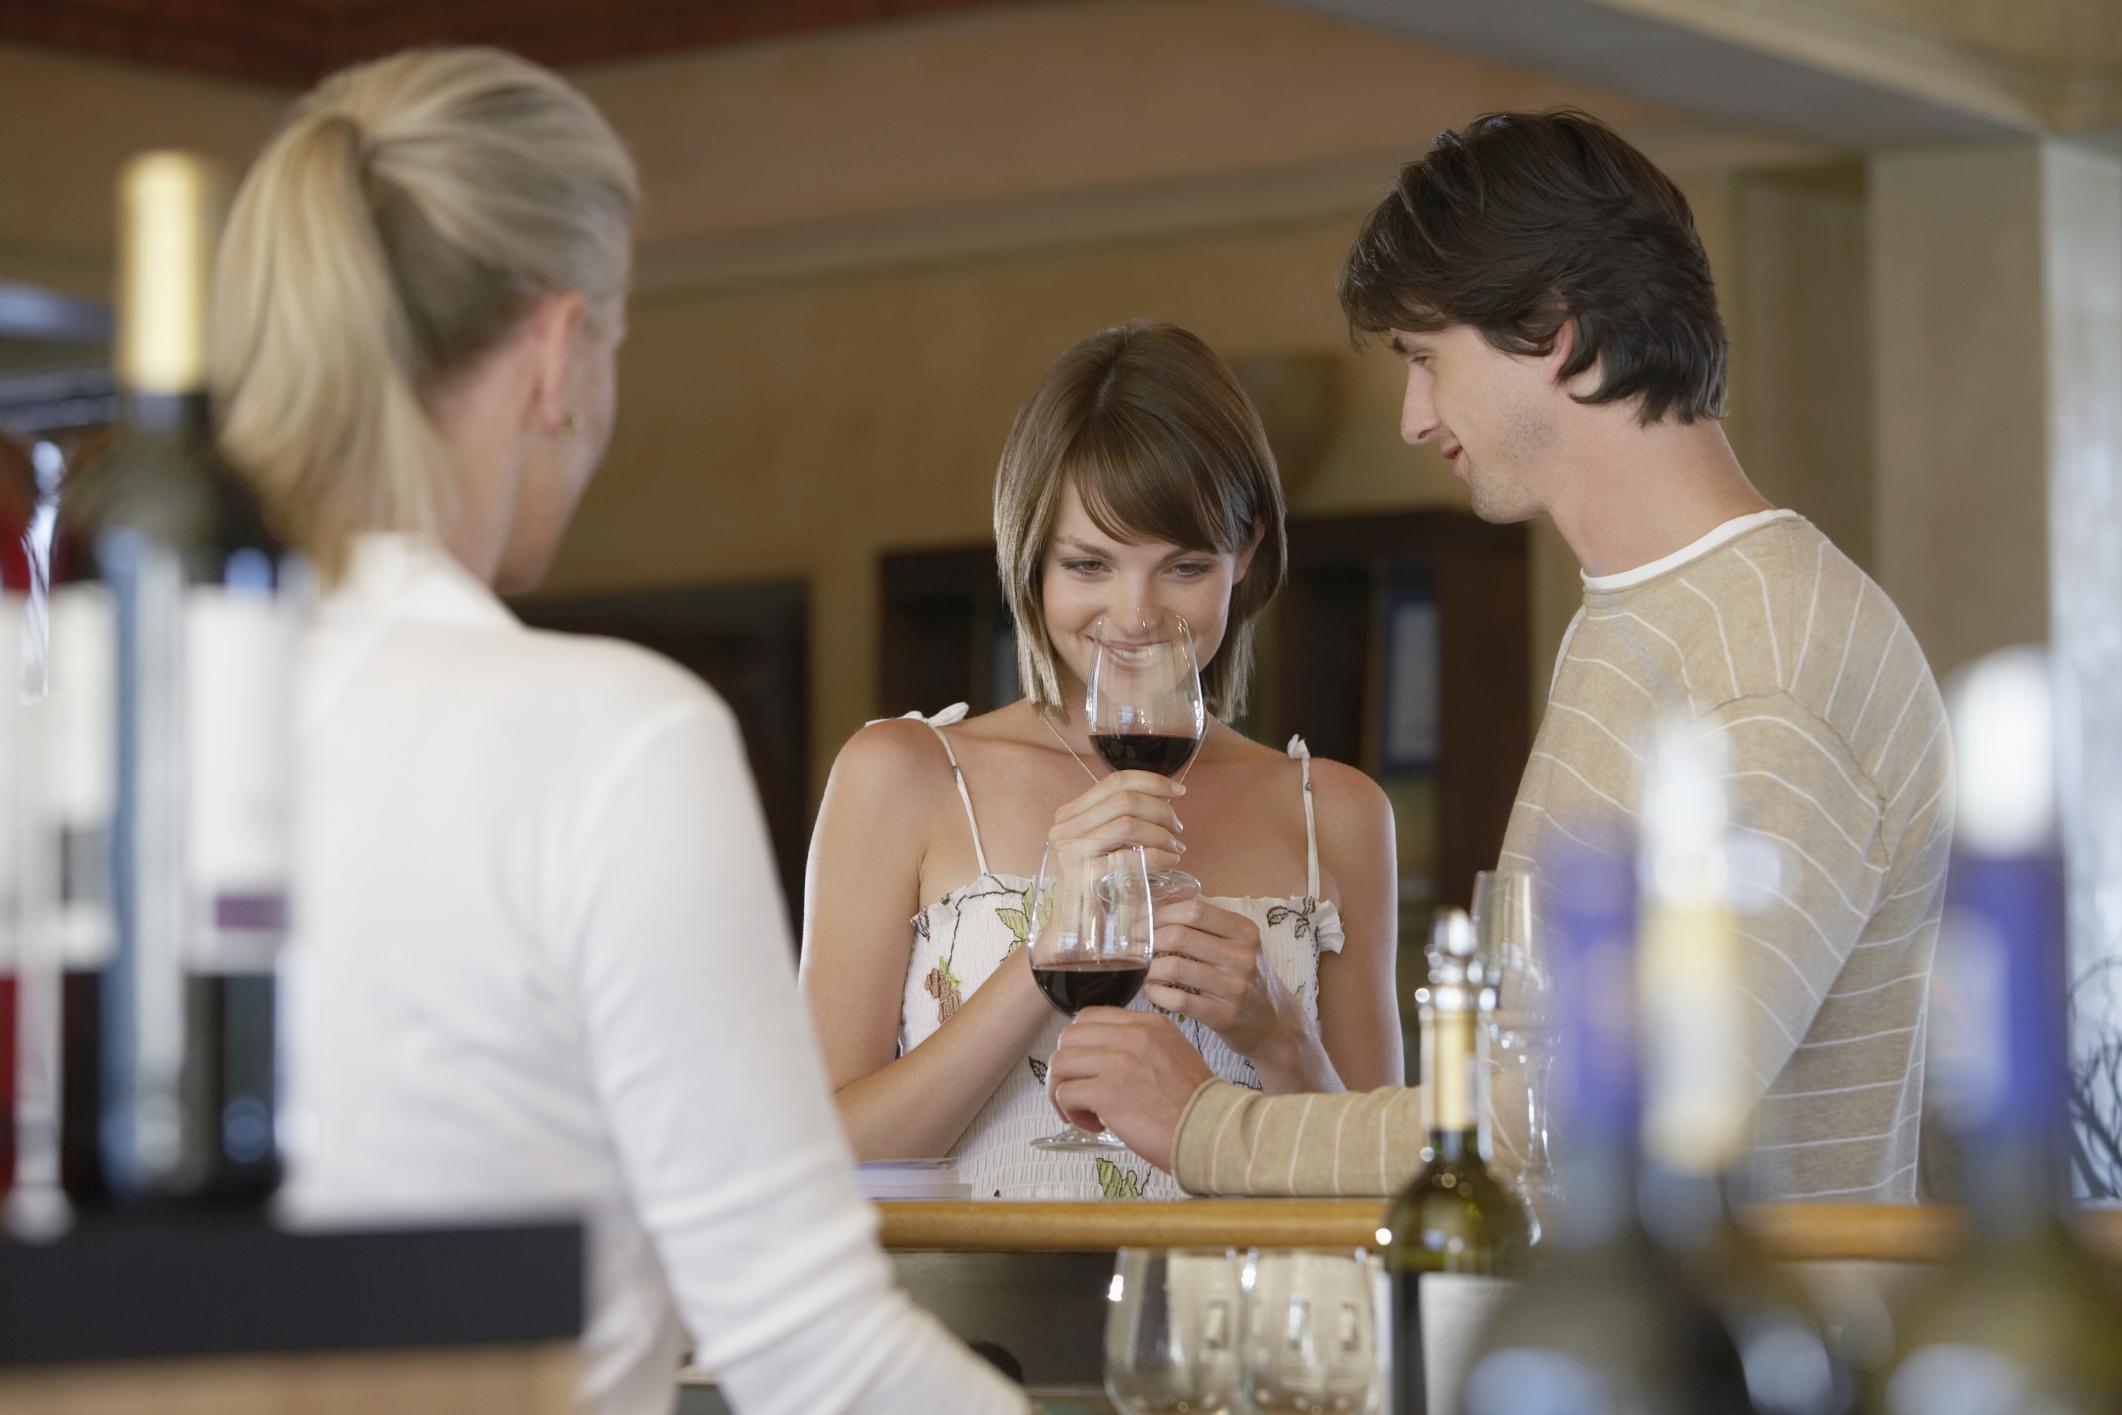 Bästa datingwebbplatser för 40 och över image 7